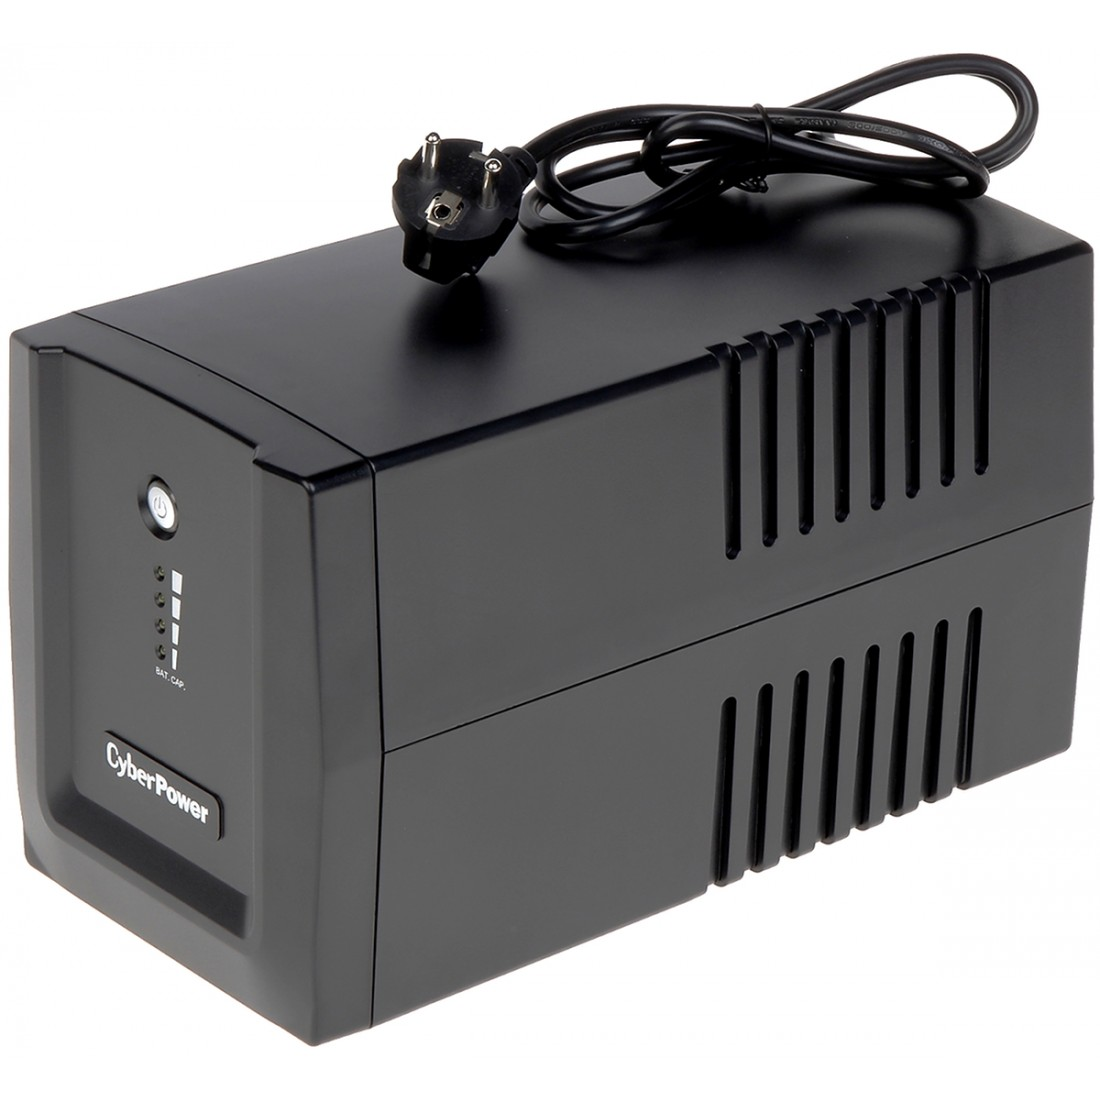 UPS UT1500E-FR/UPS 1500 VA CyberPower